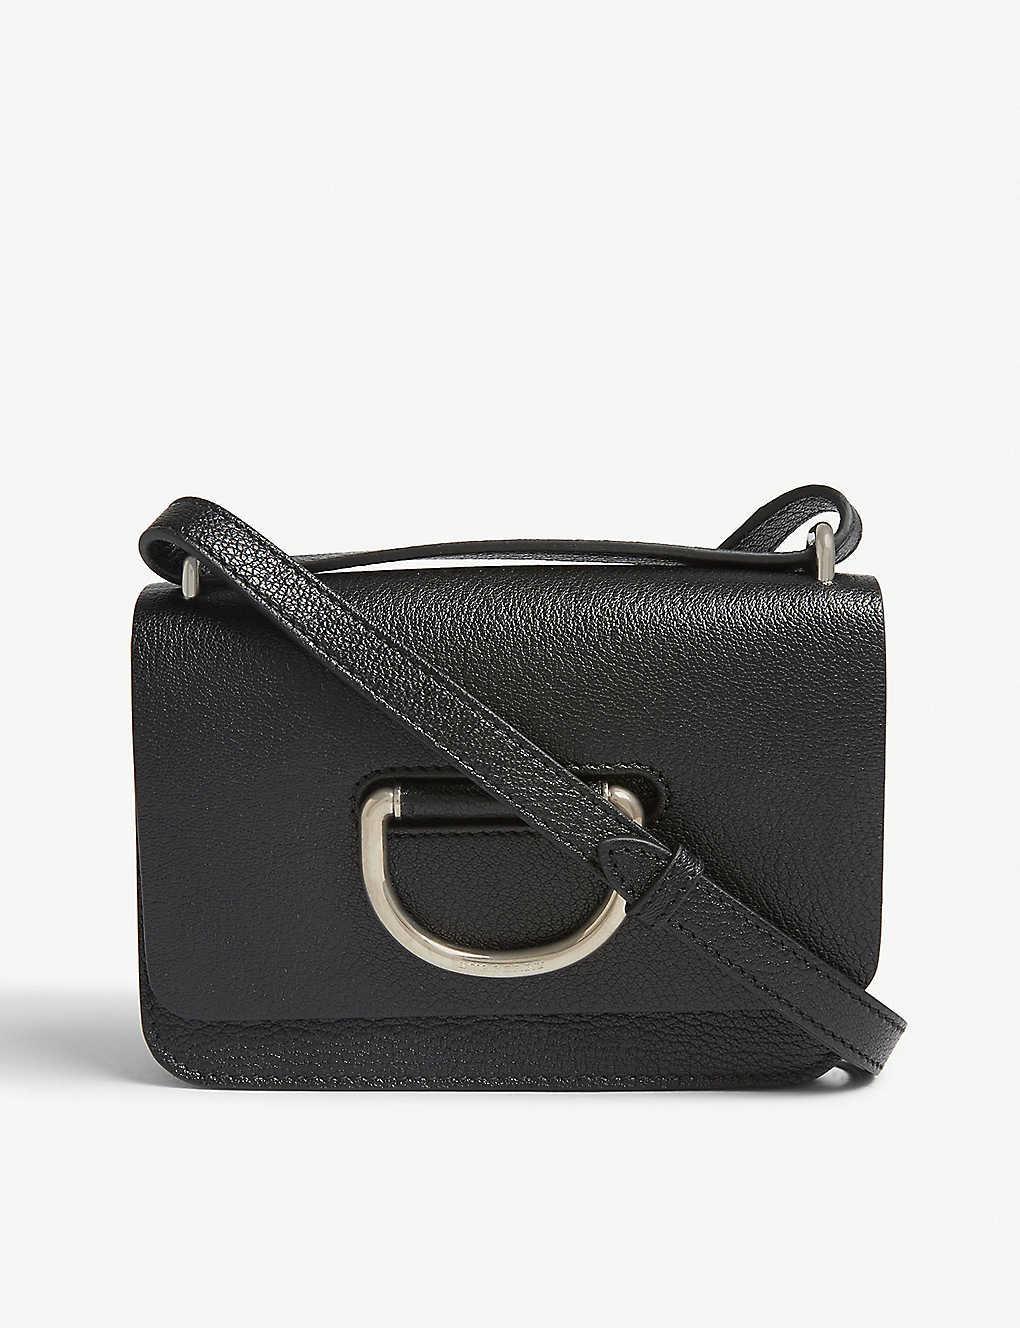 BURBERRY - Mini leather D-ring cross-body bag  e9e6b7ed22be6